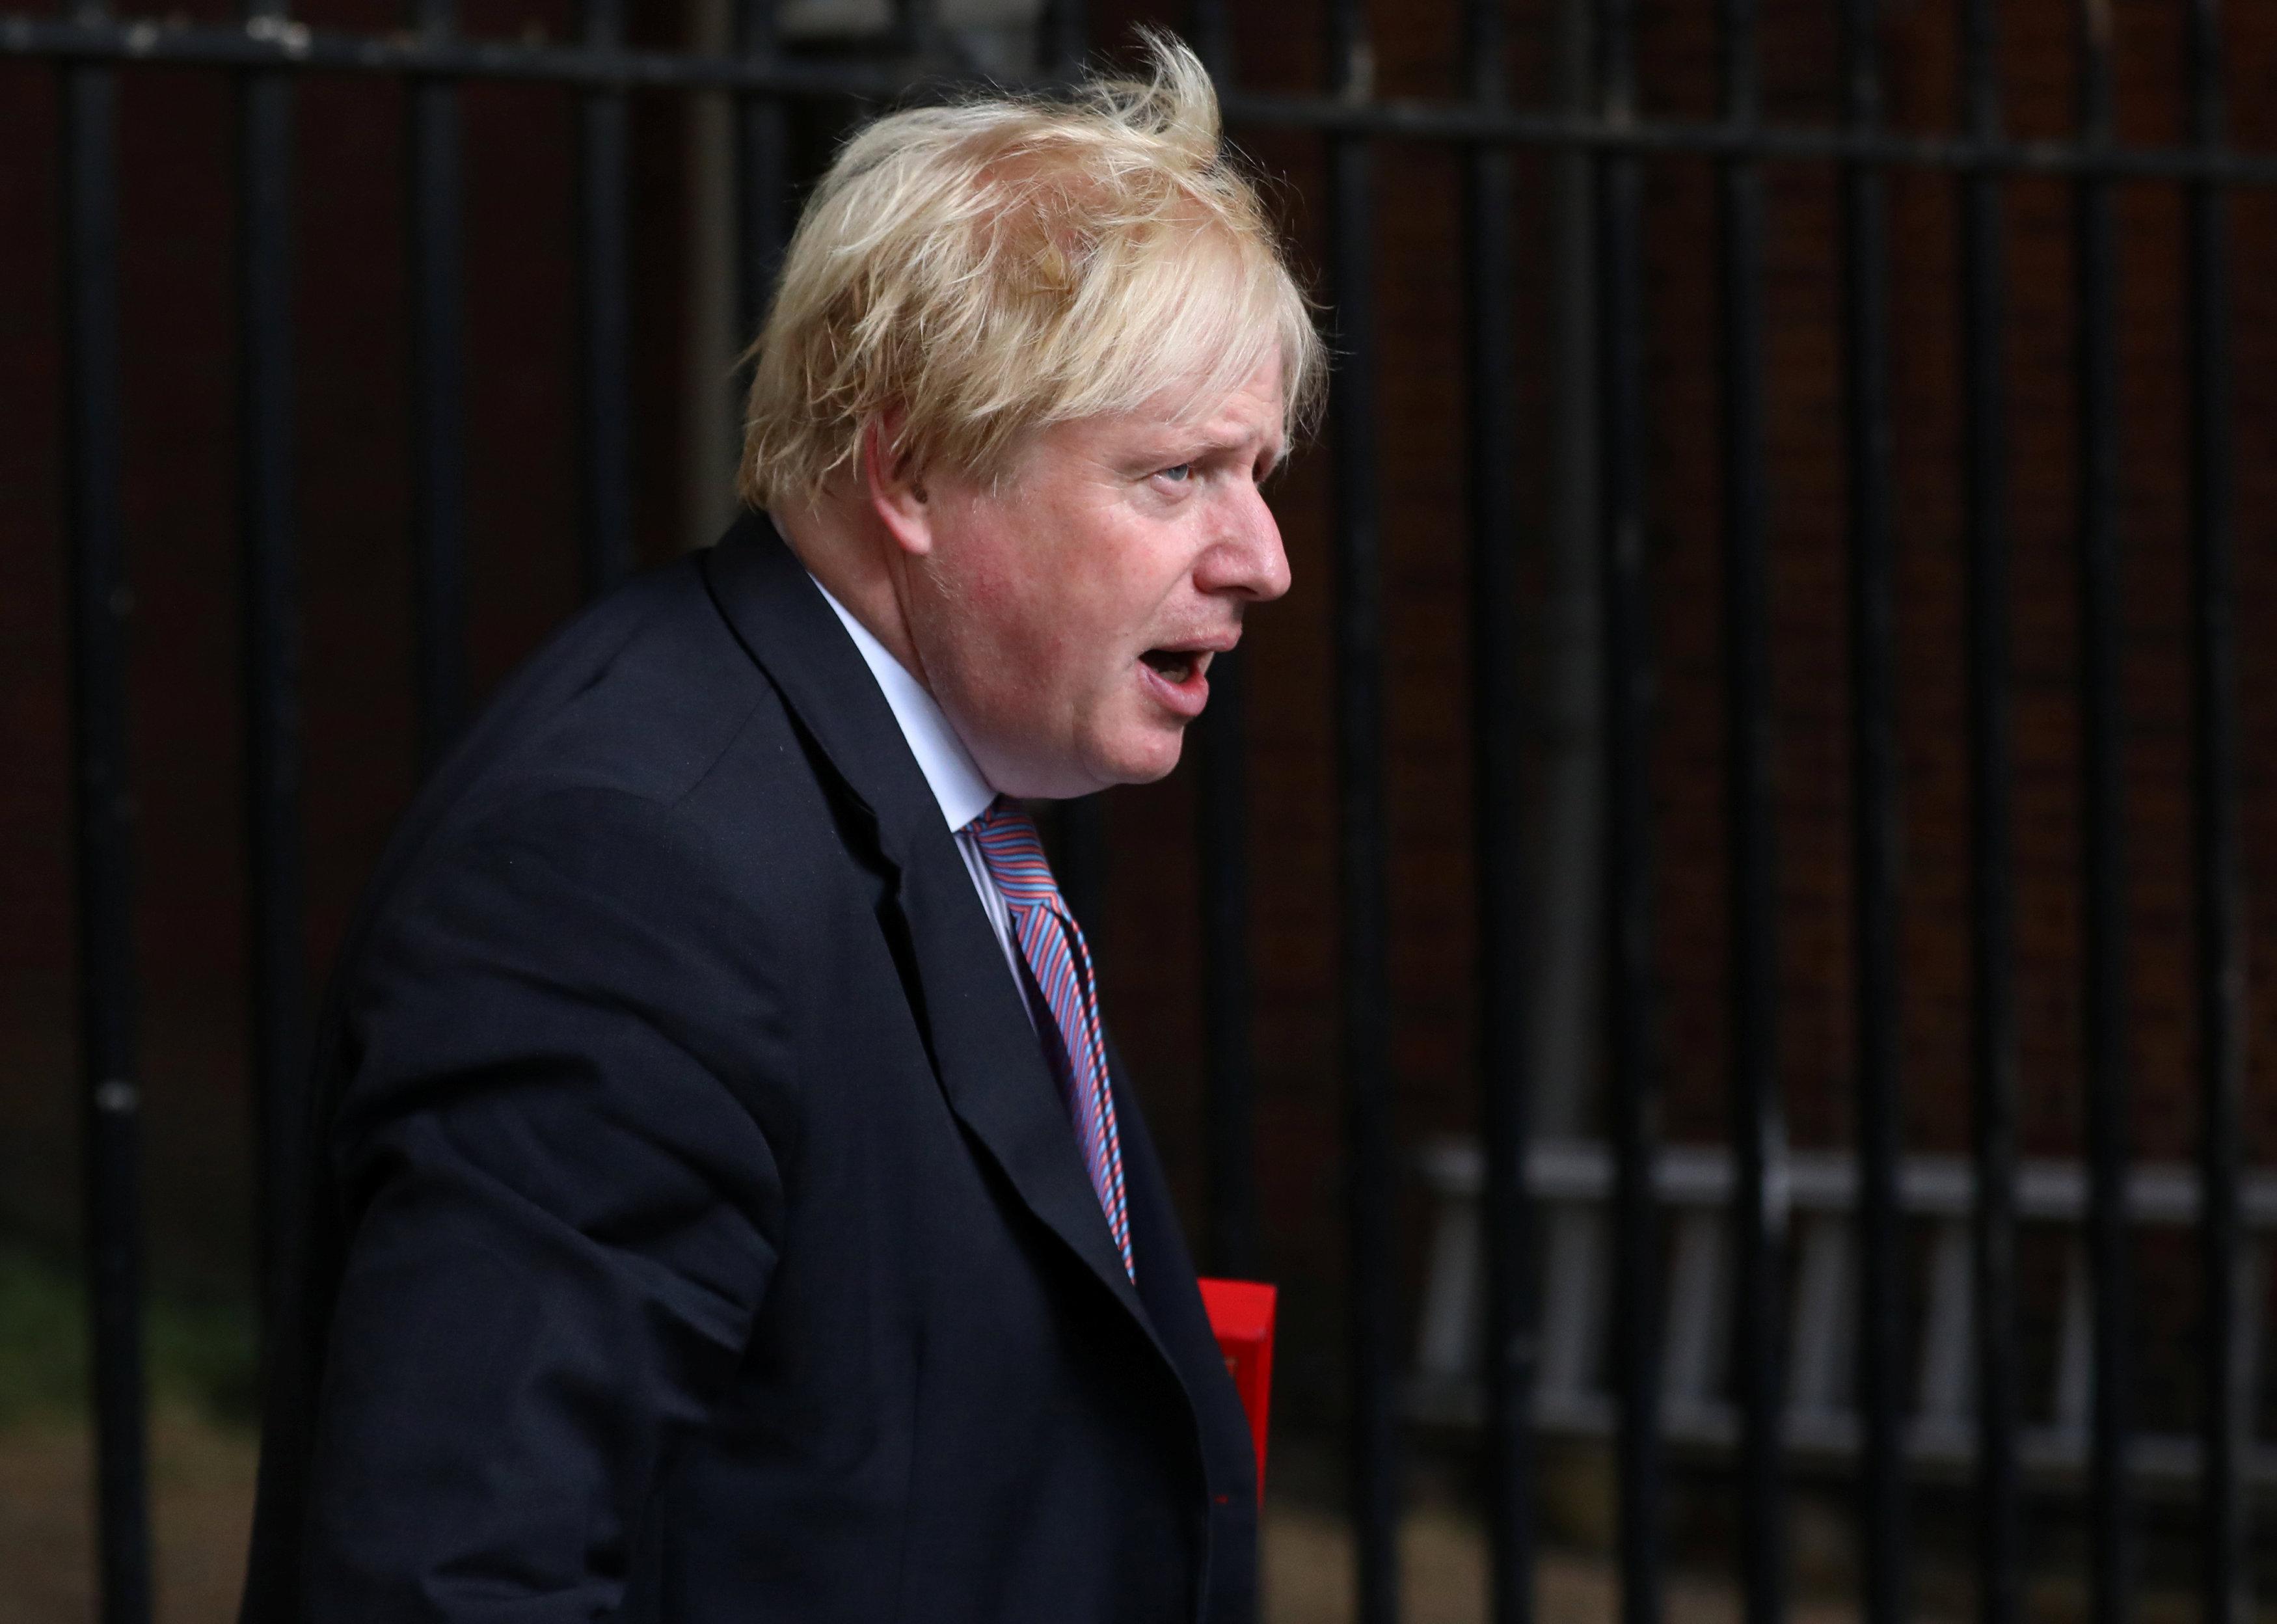 PM May despedirá al ministro de exteriores Johnson si socava el acuerdo Brexit - Times